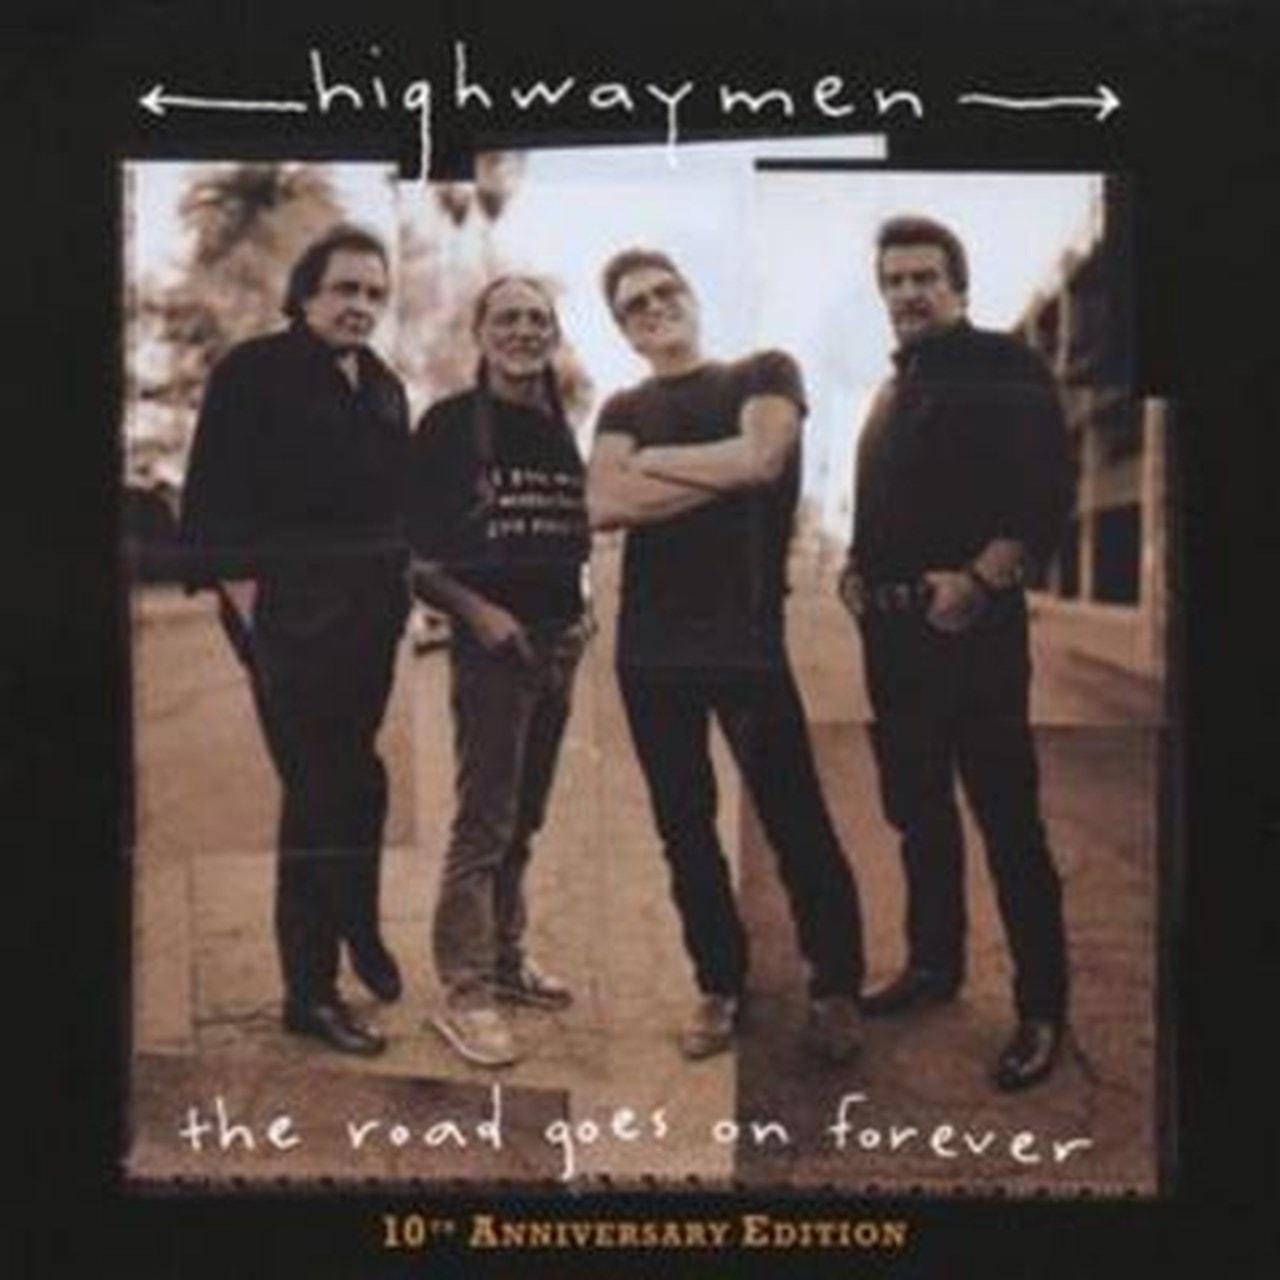 Road Goes On Forever [cd + Bonus Dvd] - 1